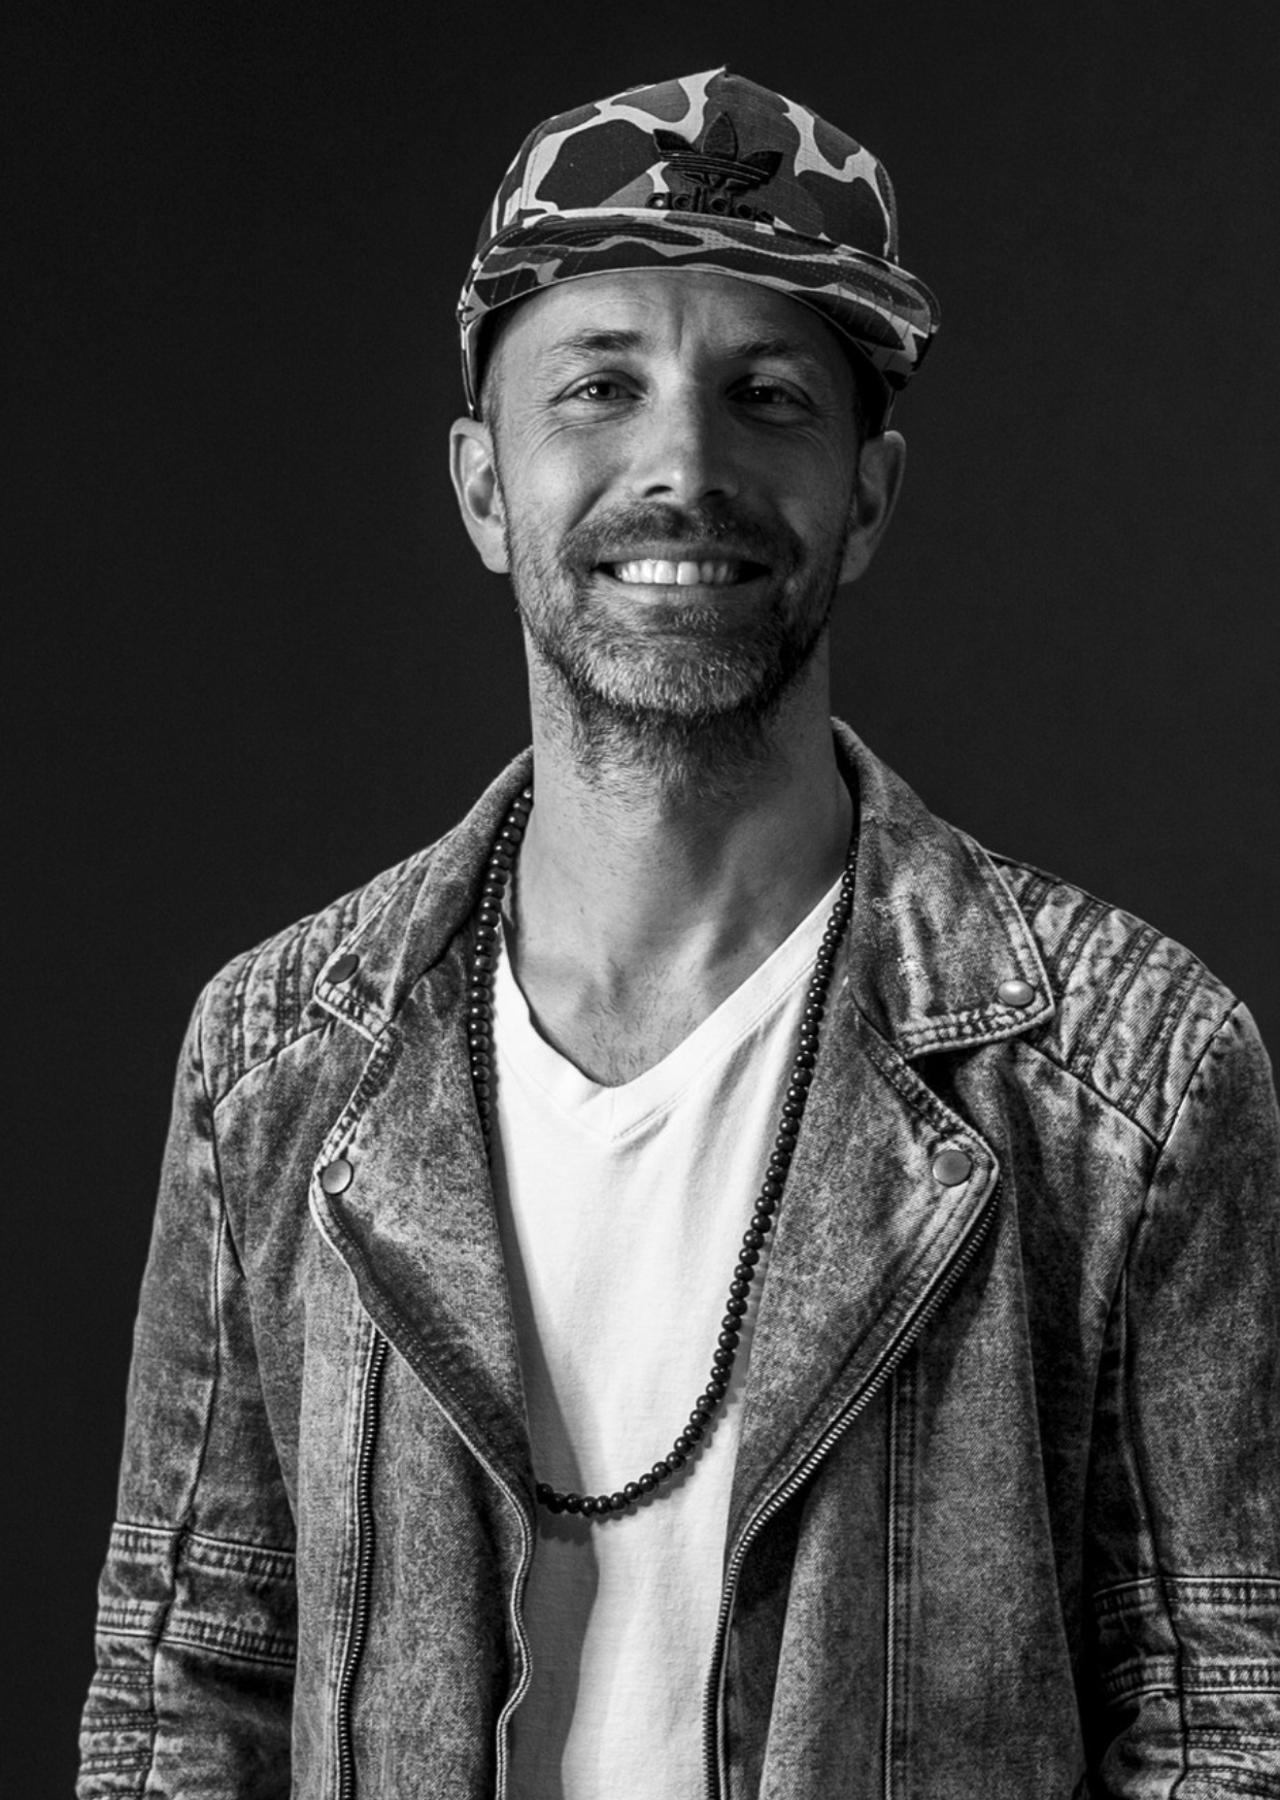 Simon Lämmle